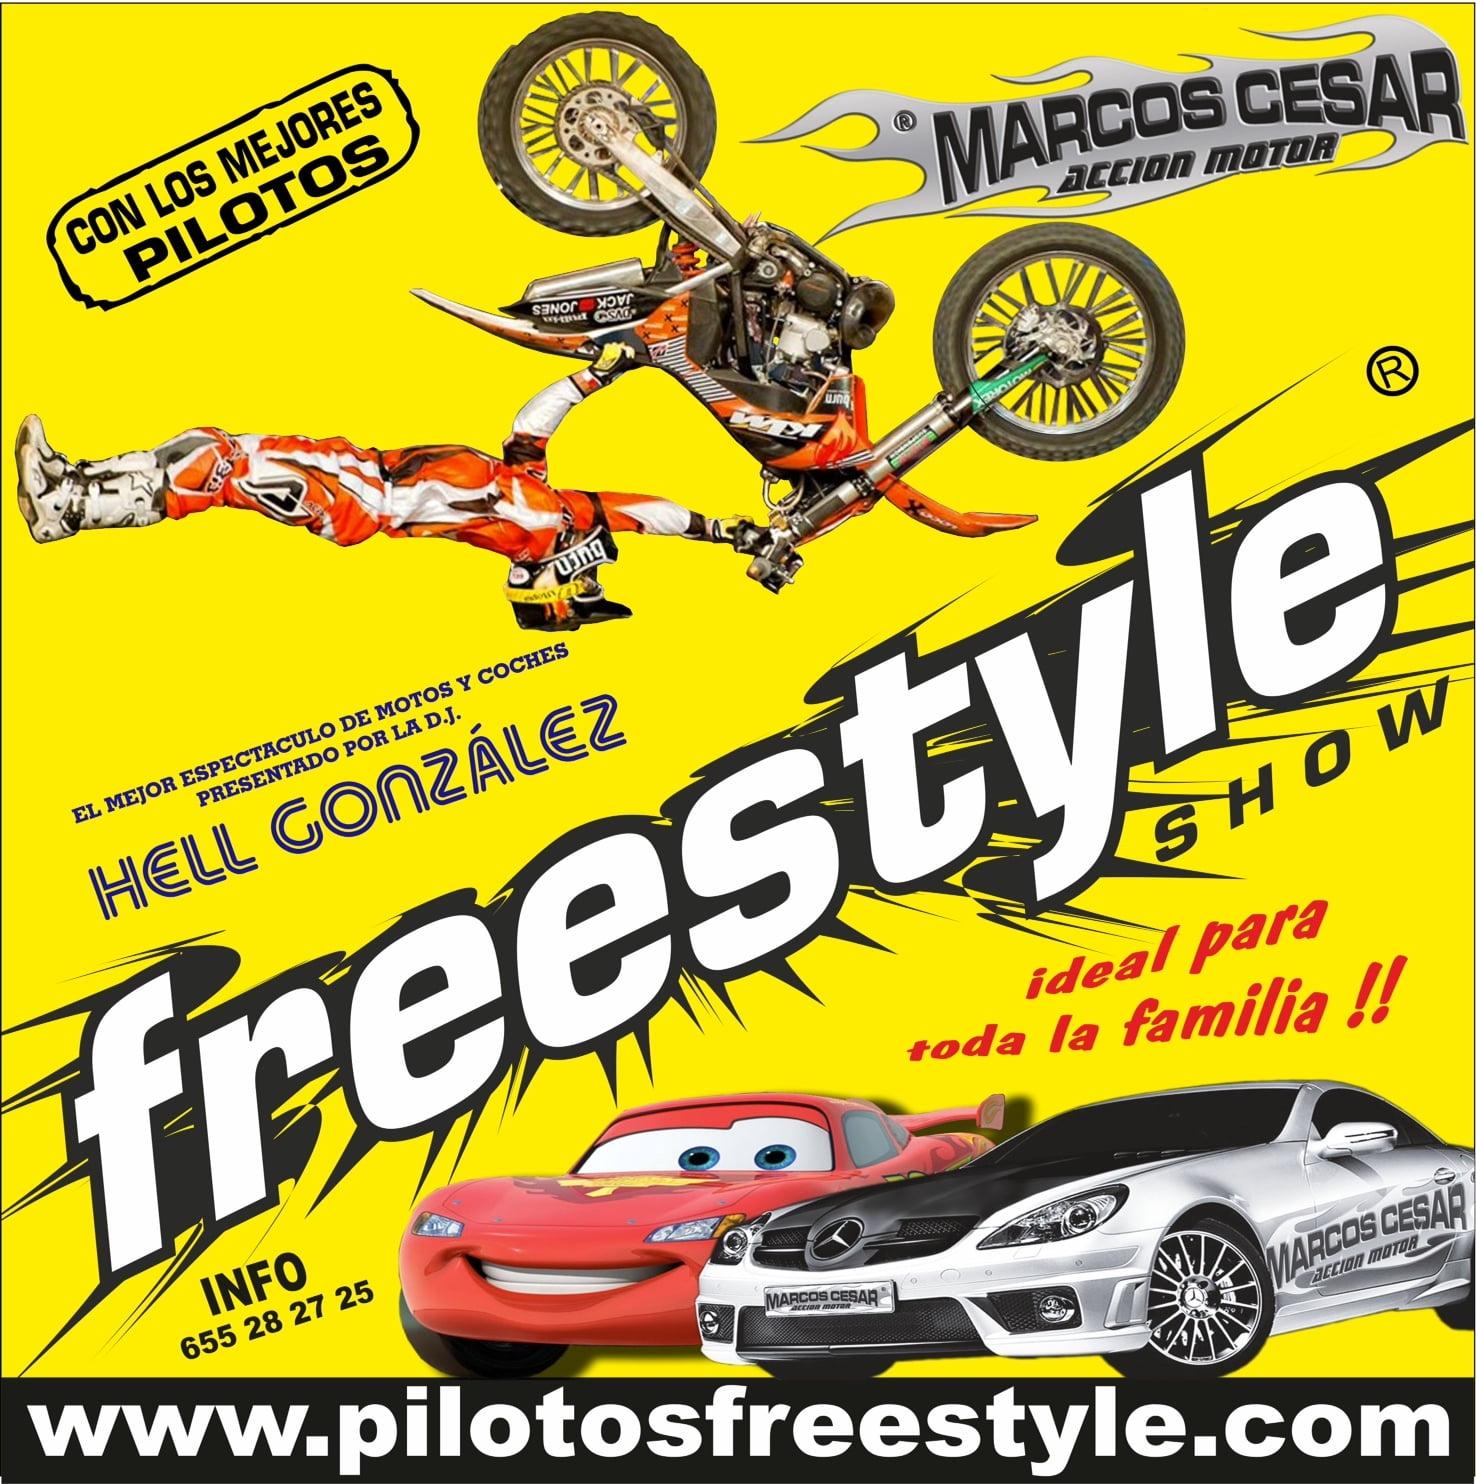 Freestyle Motocross Show en Vigo